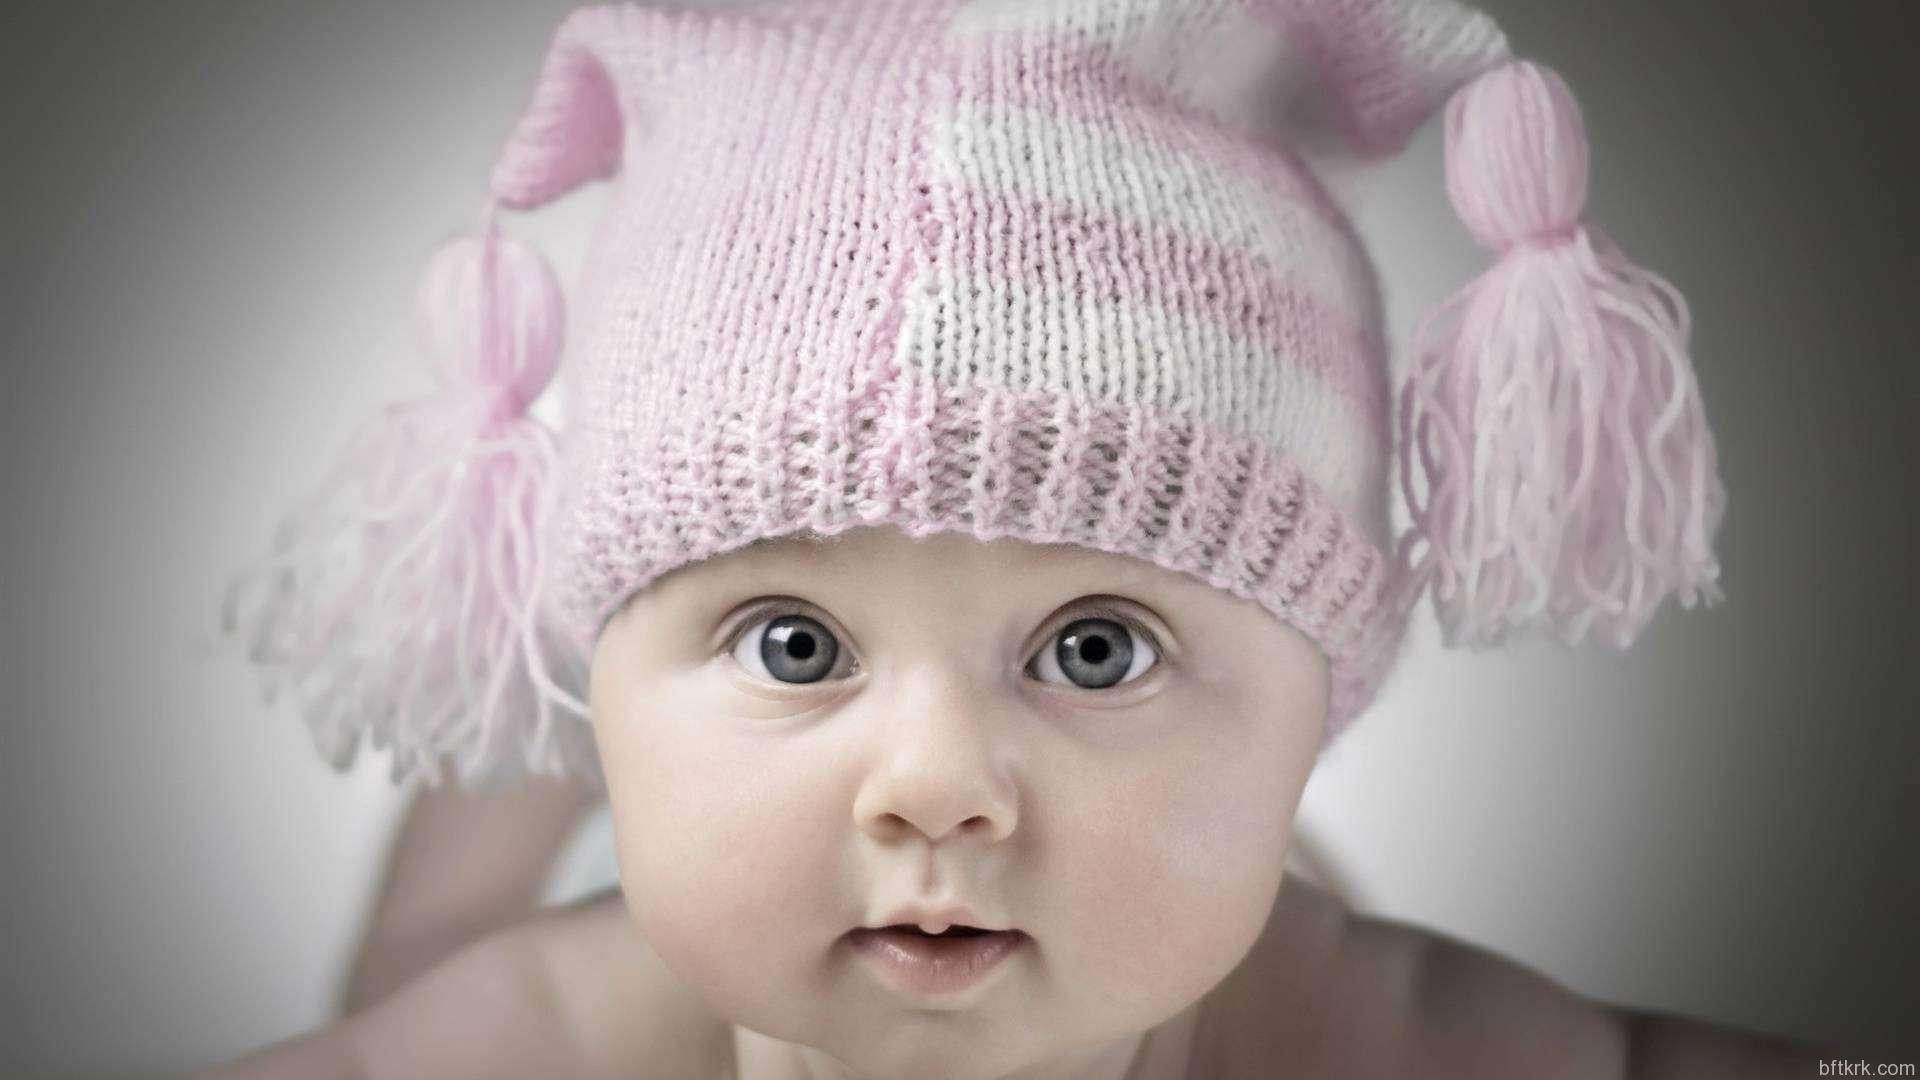 بالصور صور اطفال مضحكين , النظرة للطفل كالحياة 15110 6